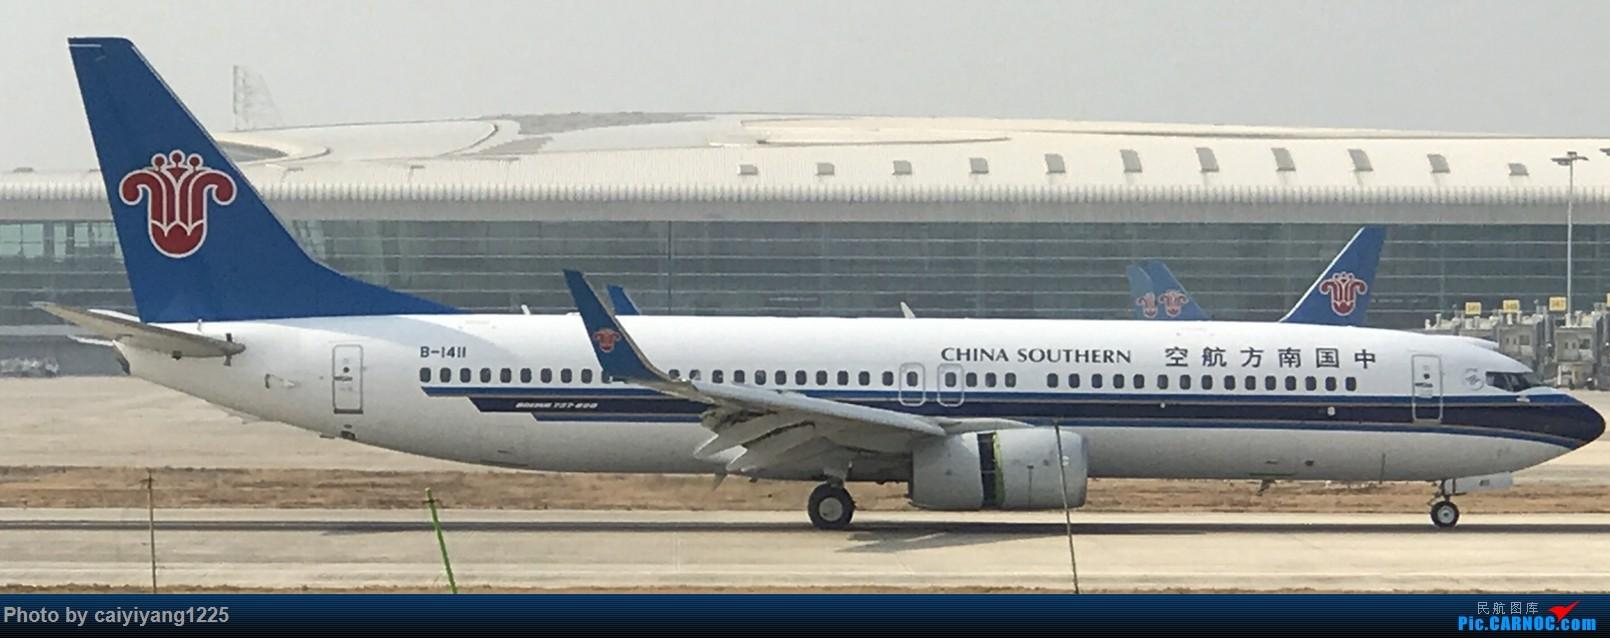 Re:[原创]武汉国庆拍机ps:出门忘带相机 拿手机拍的烂货请见谅! BOEING 737-800 B-1441 武汉天河国际机场